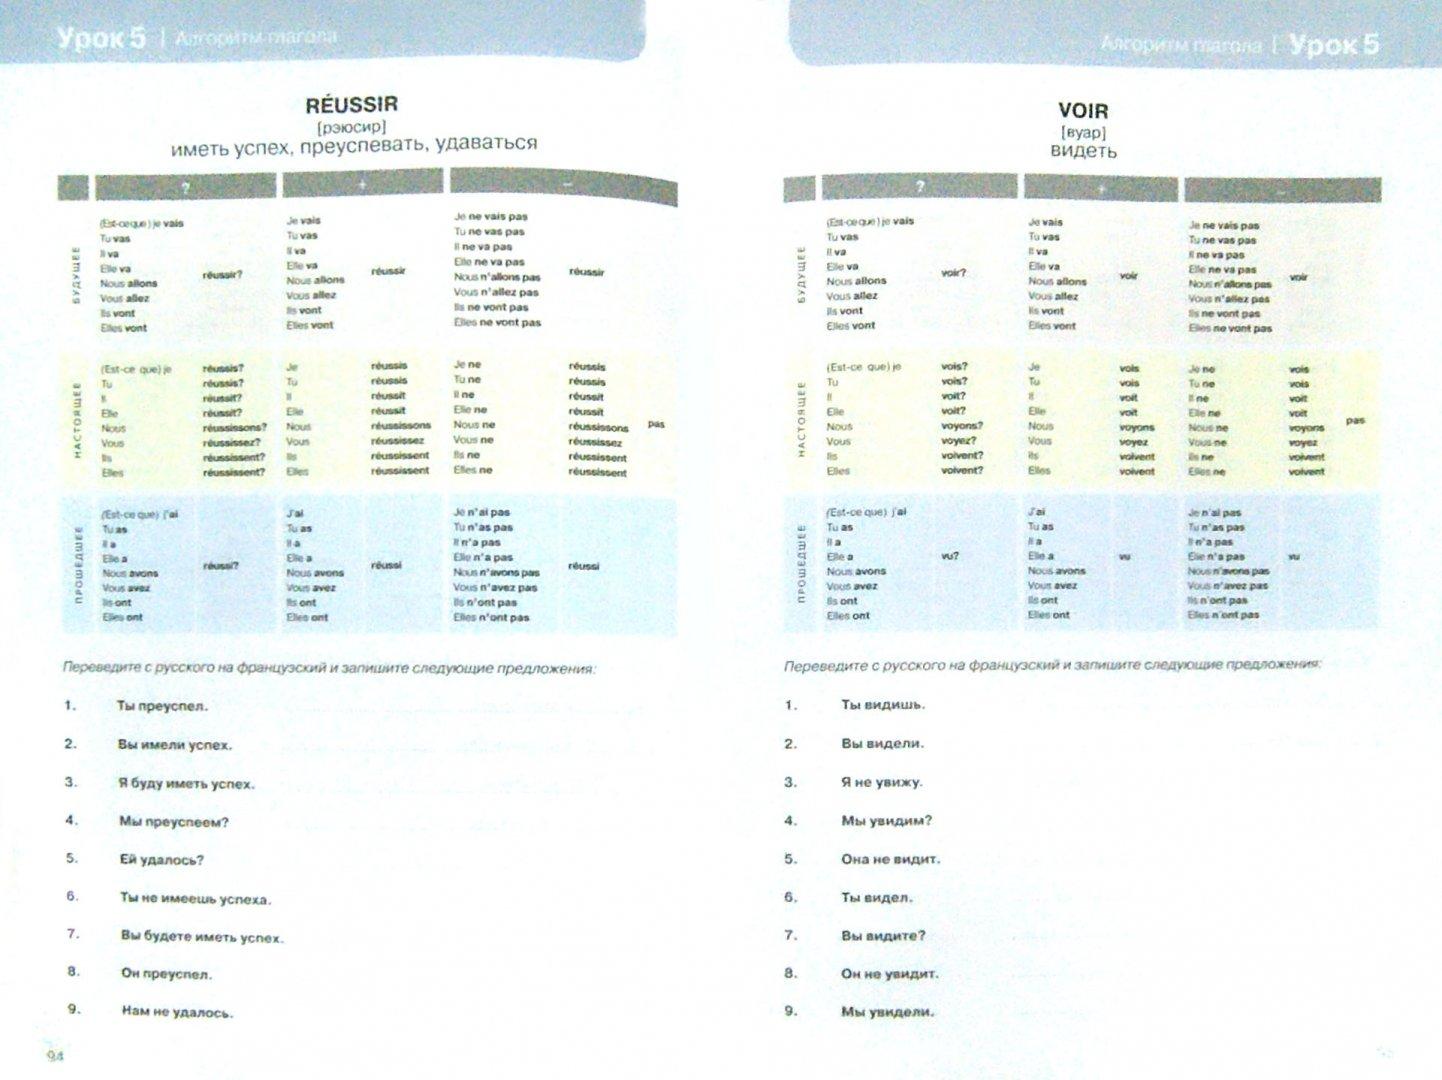 Иллюстрация 1 из 11 для Французский язык. 16 уроков. Базовый тренинг - Дмитрий Петров   Лабиринт - книги. Источник: Лабиринт